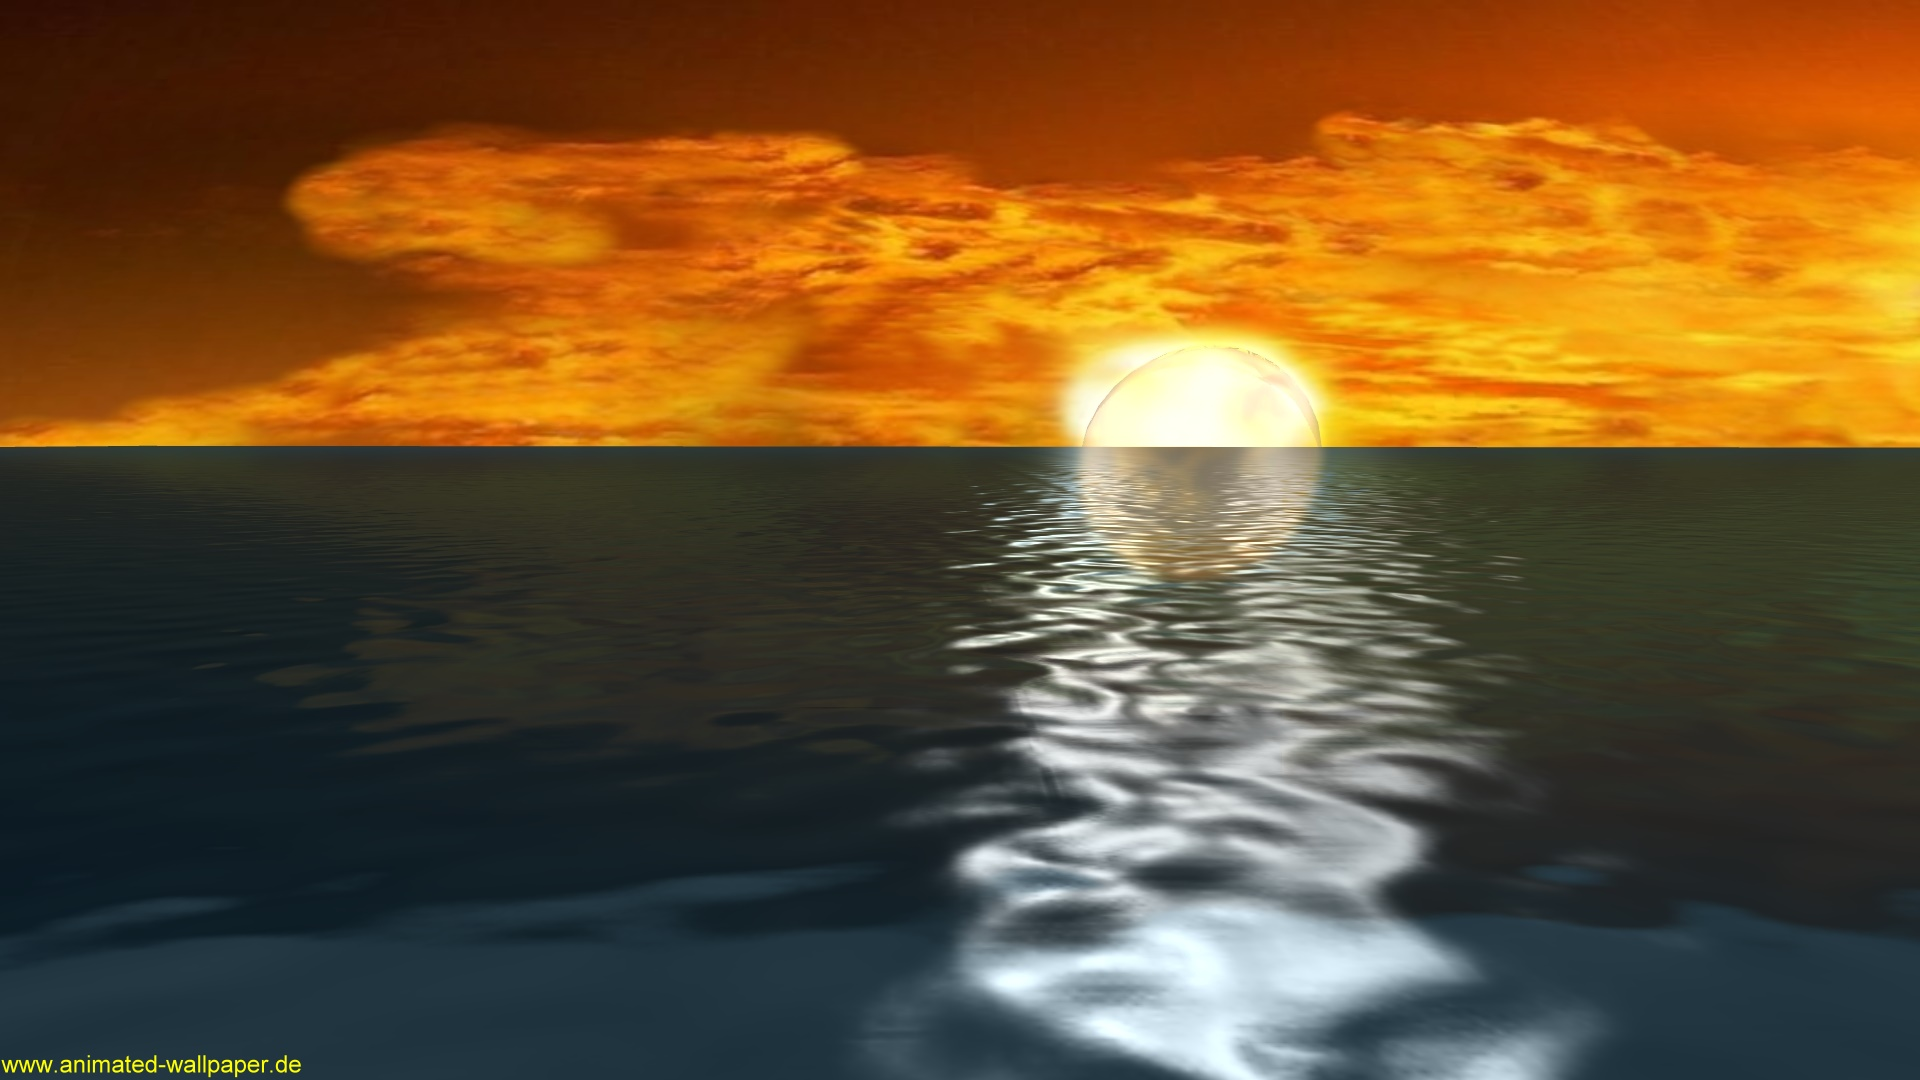 Um die Sunset Wallpaper Videos als animierten Desktop Hintergrund auf 1920x1080